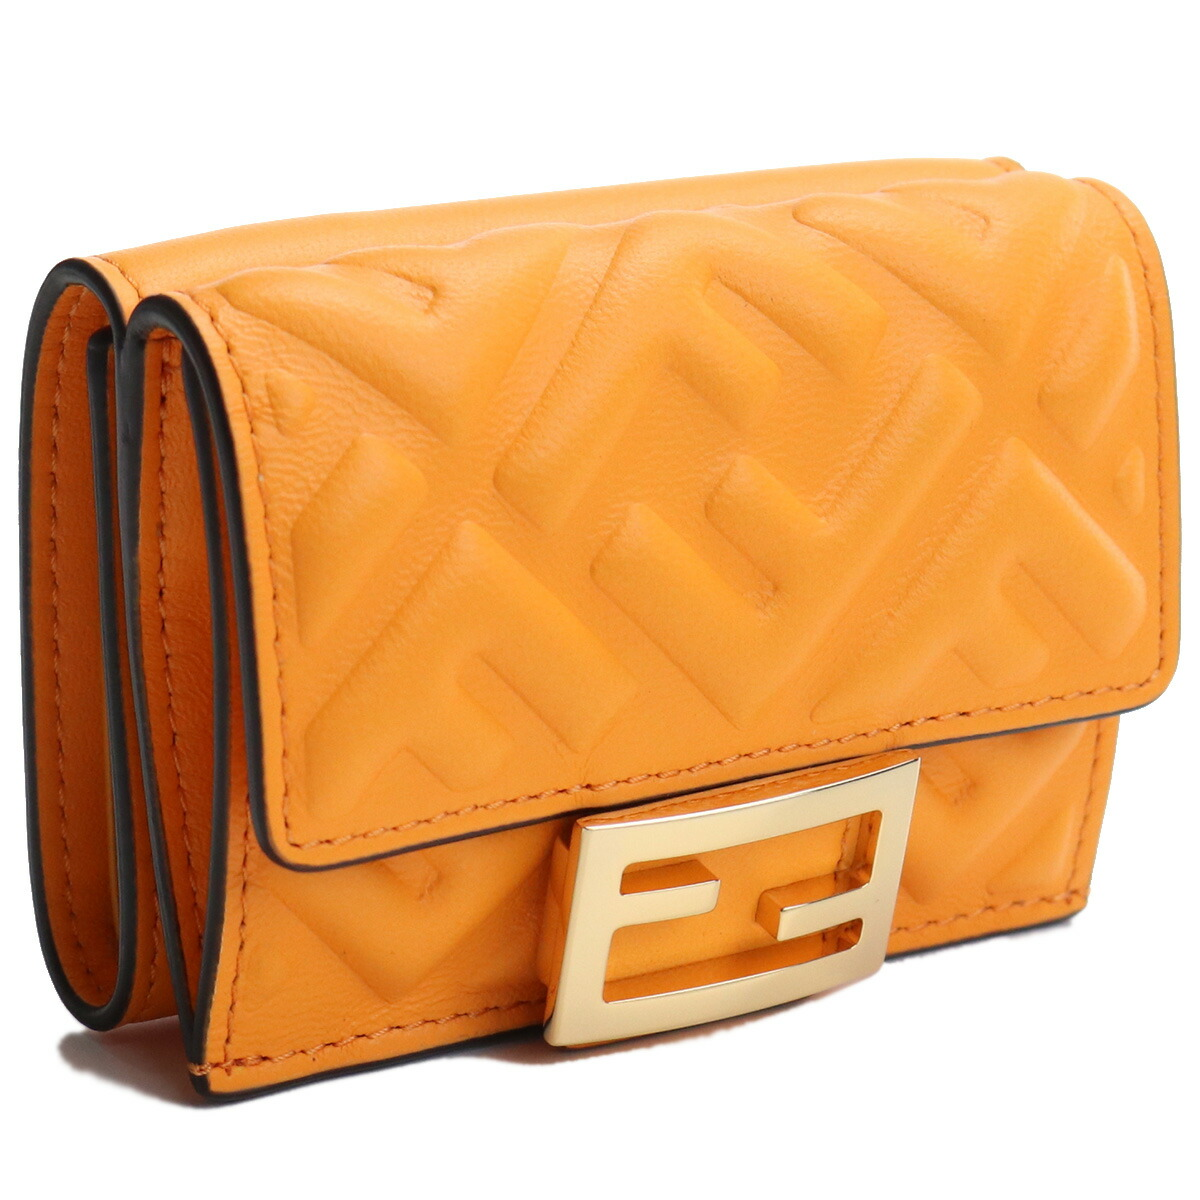 フェンディ FENDI  3つ折り折財布 ブランド財布 ブランドミニ財布 コンパクト財布 ブランドロゴ  ライトブルー マイクロ BAGUETTE 8M0395 AAJD F1DZH オレンジ系 bos-15 gsw-2